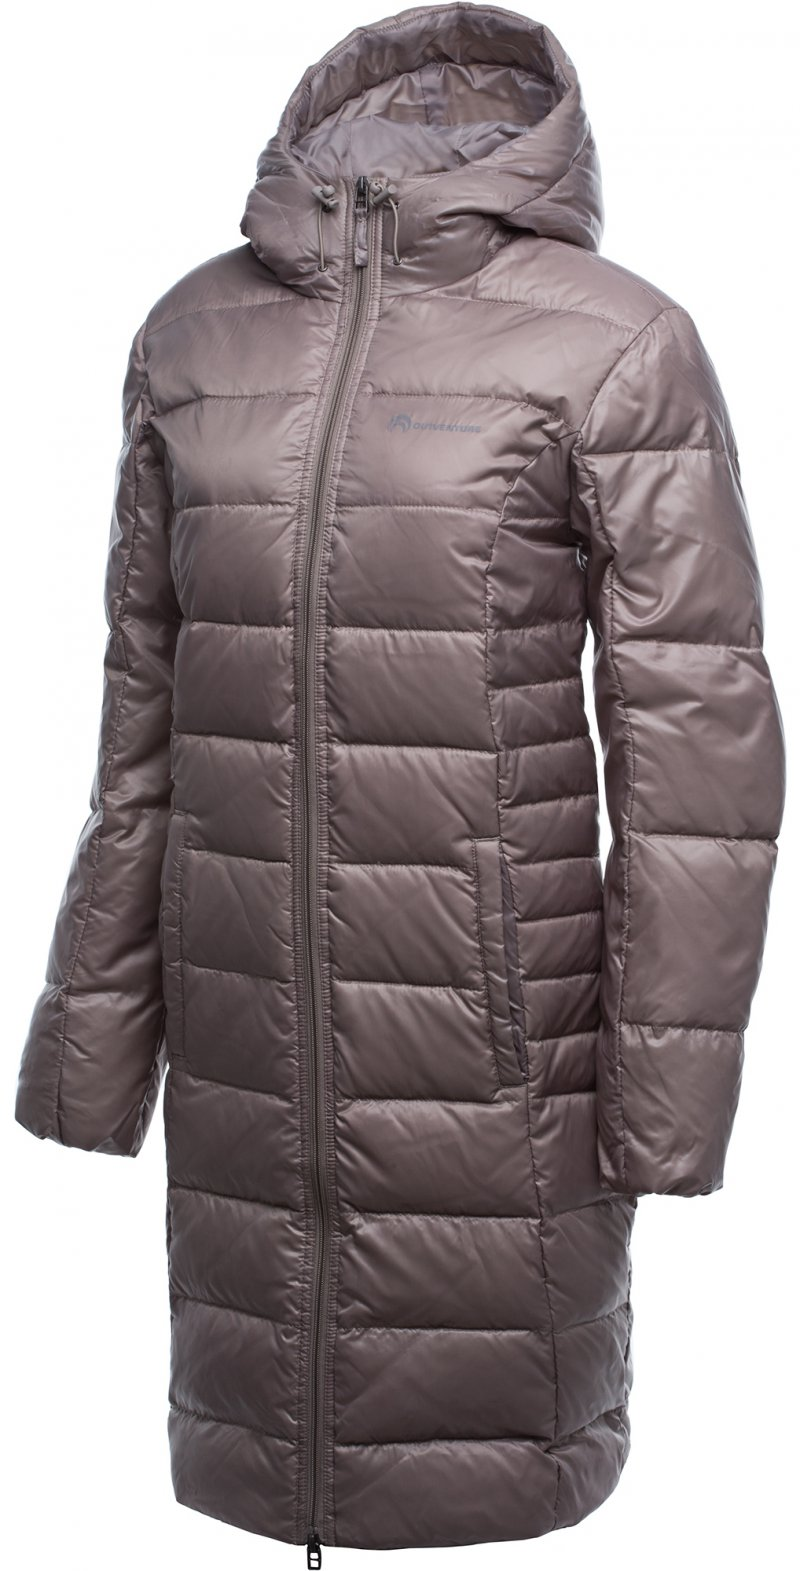 e70665cfaf0 Куртка женская Outventure HWE207OUT-T4 купить со скидкой ...